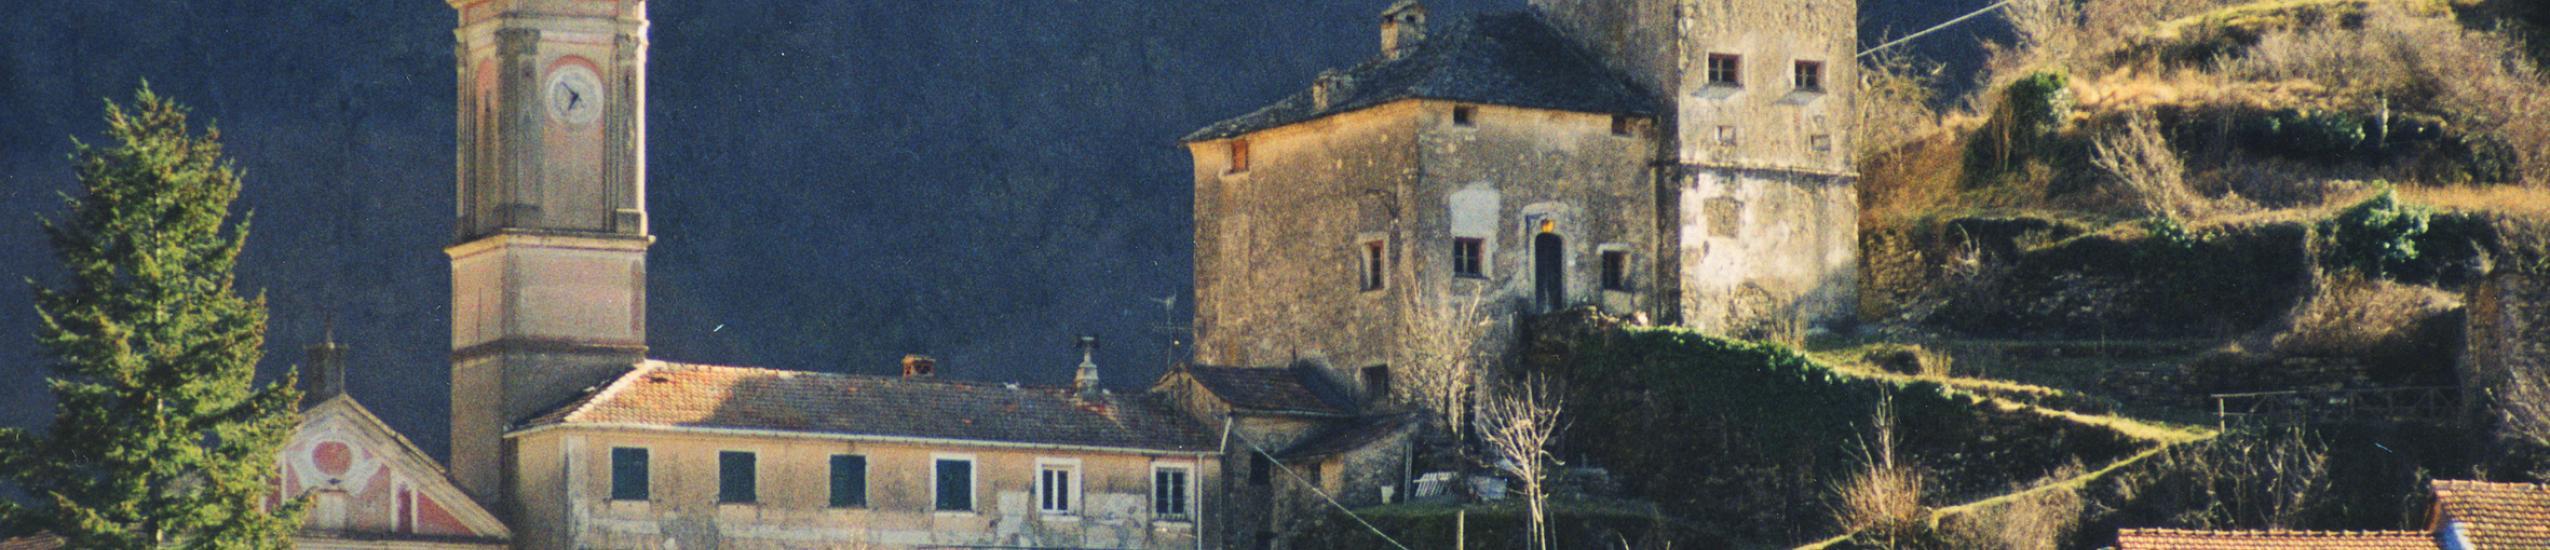 castello senarega-fieschi a senarega